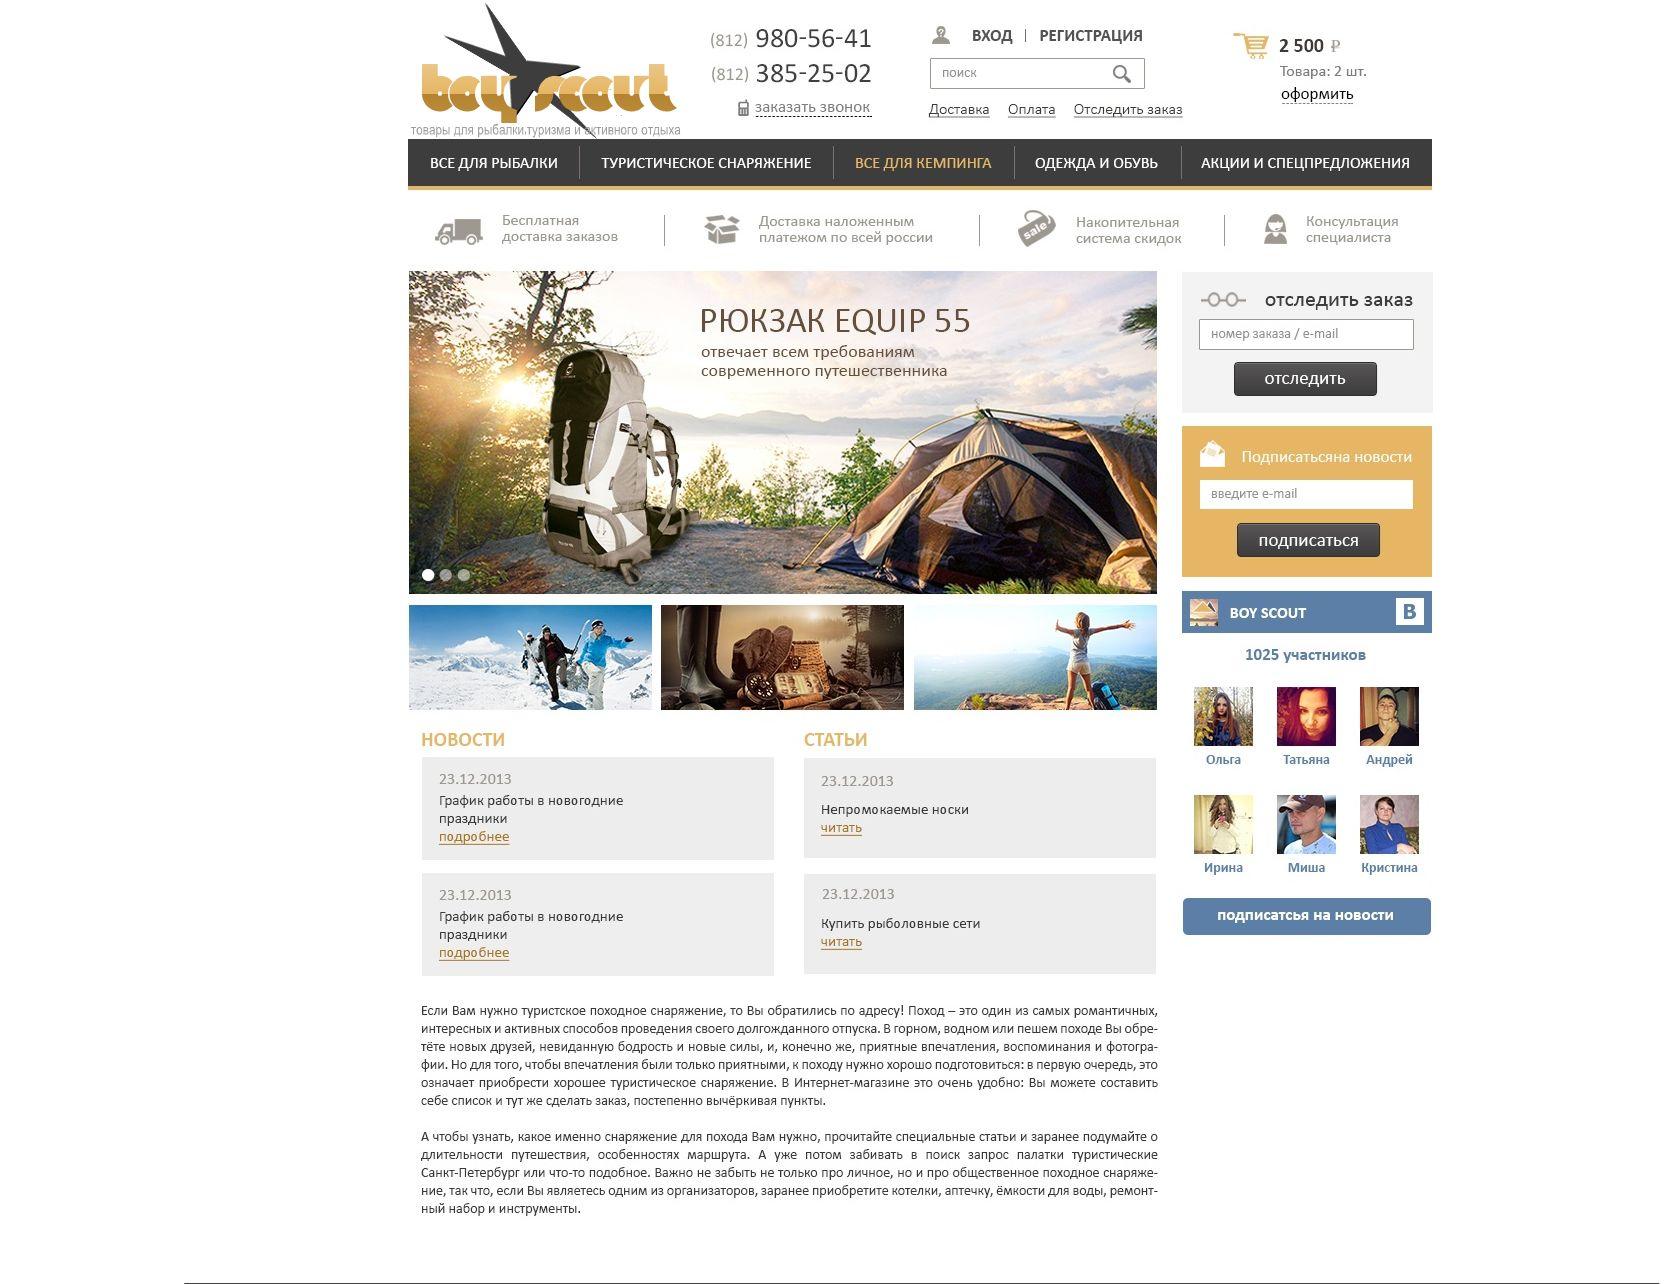 Логотип для сайта интернет-магазина BOY SCOUT - дизайнер MATPOCkun777